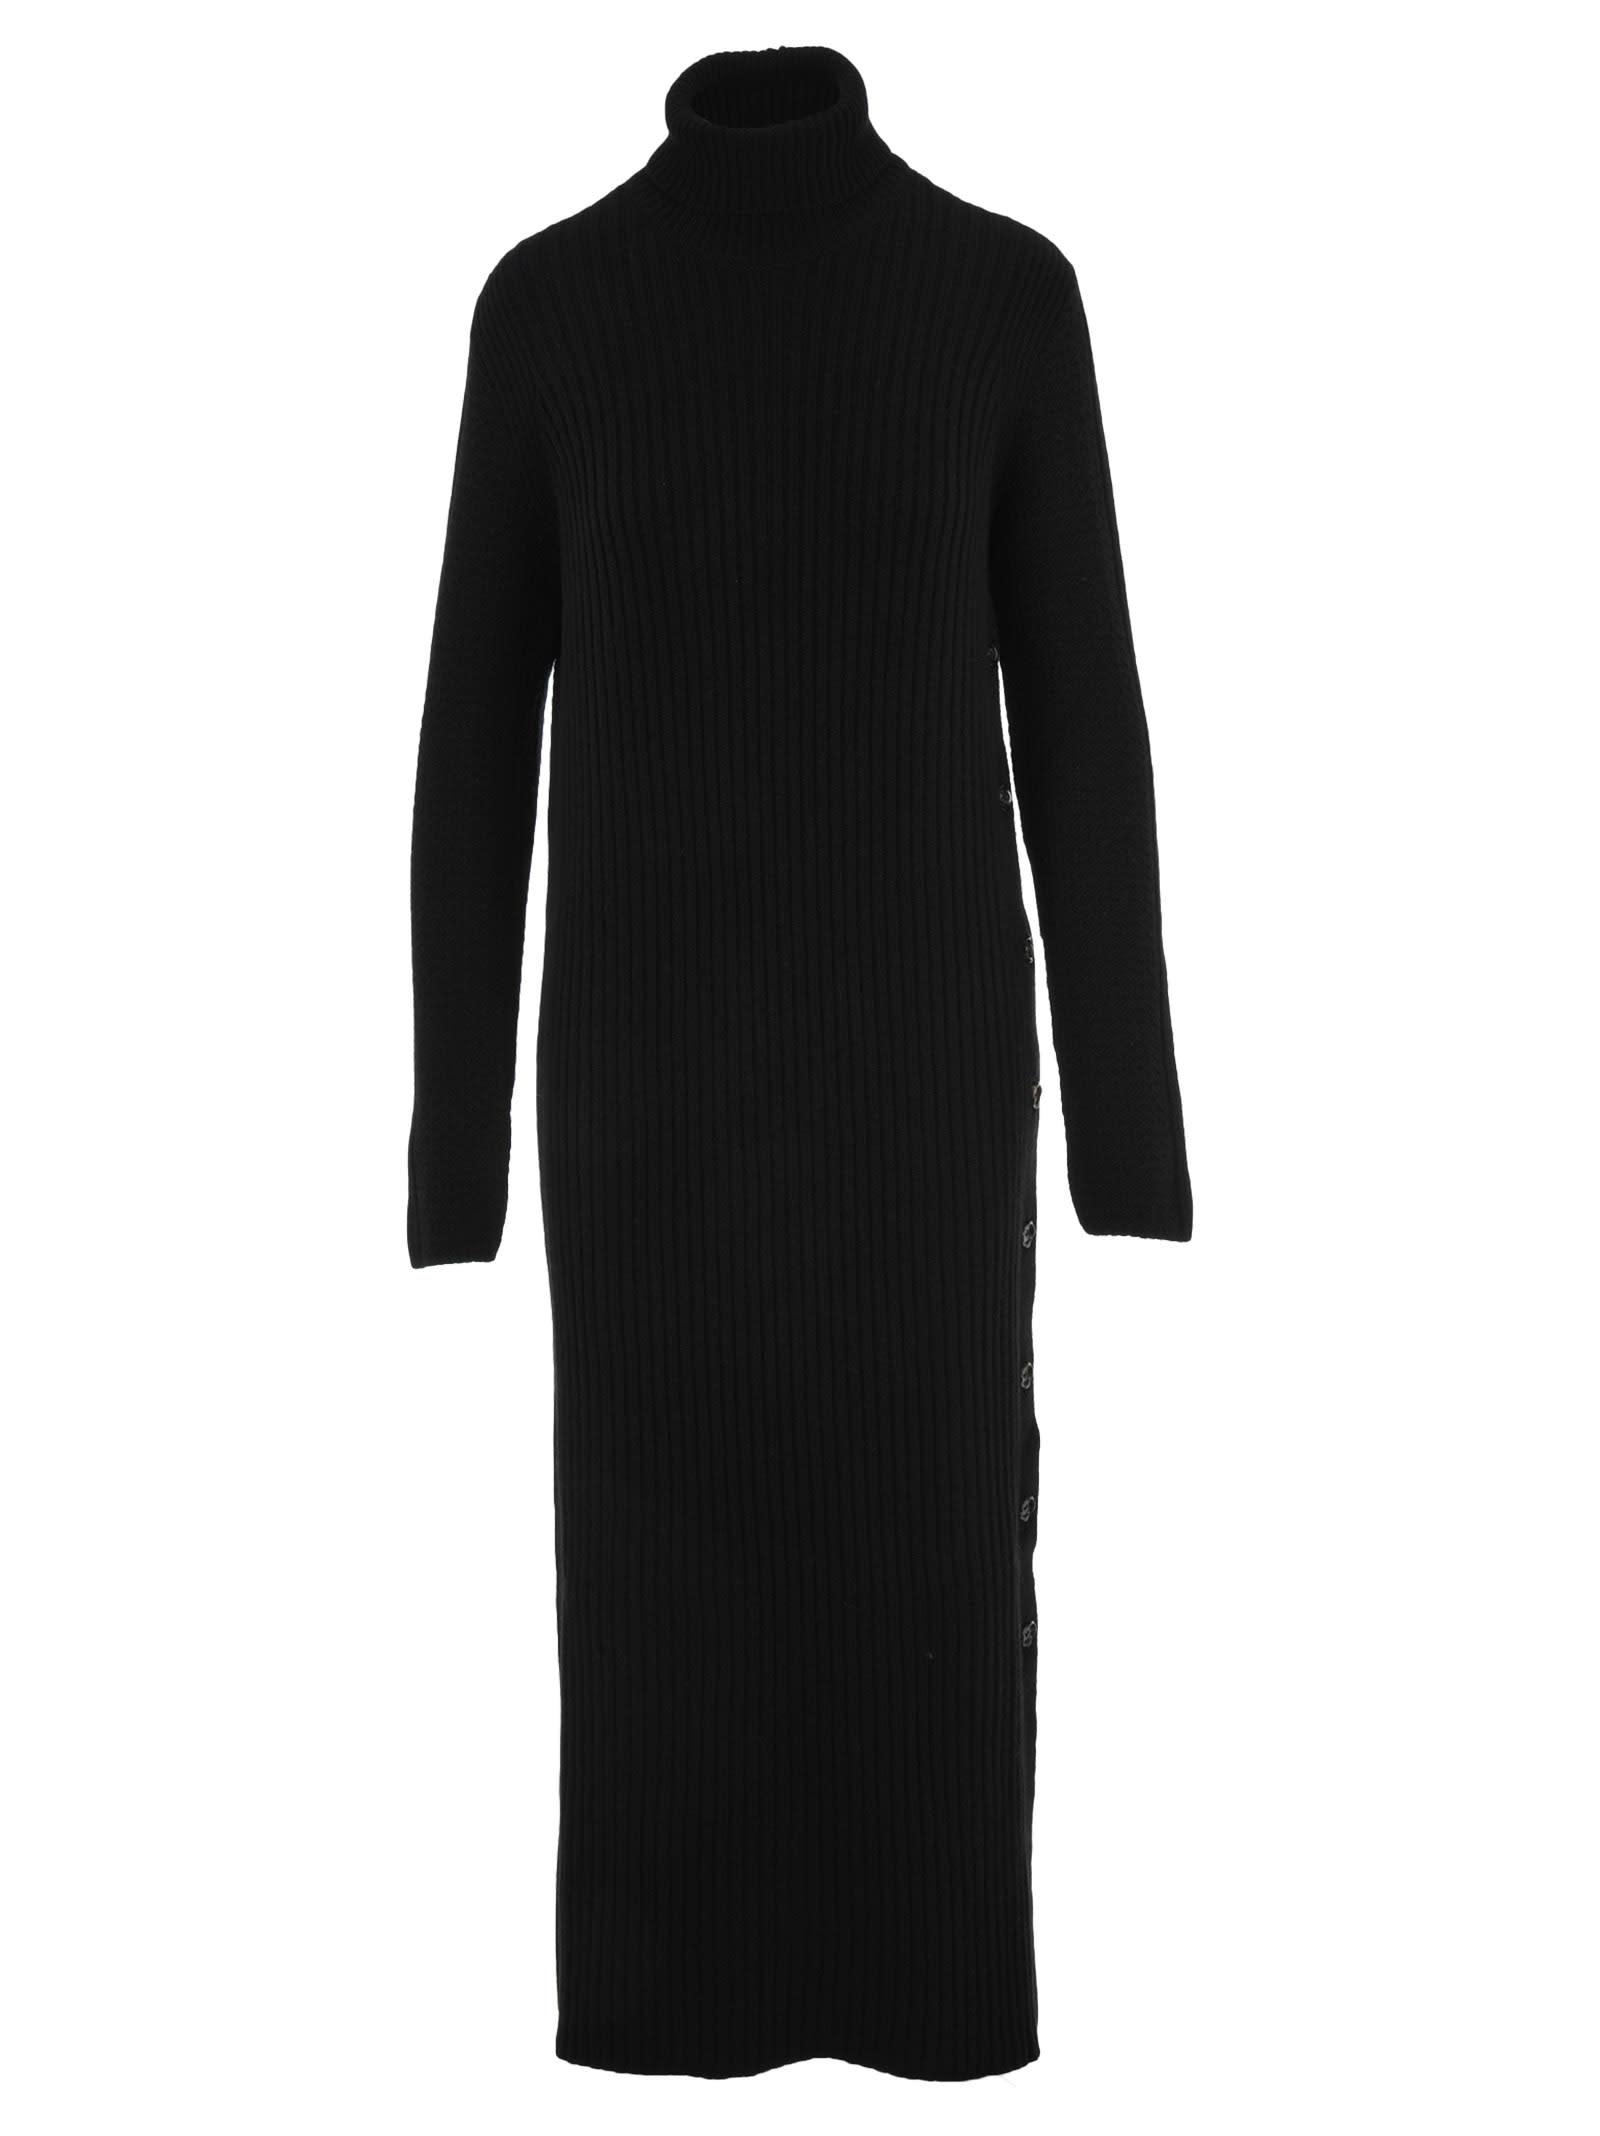 Marni Knitted Long Dress